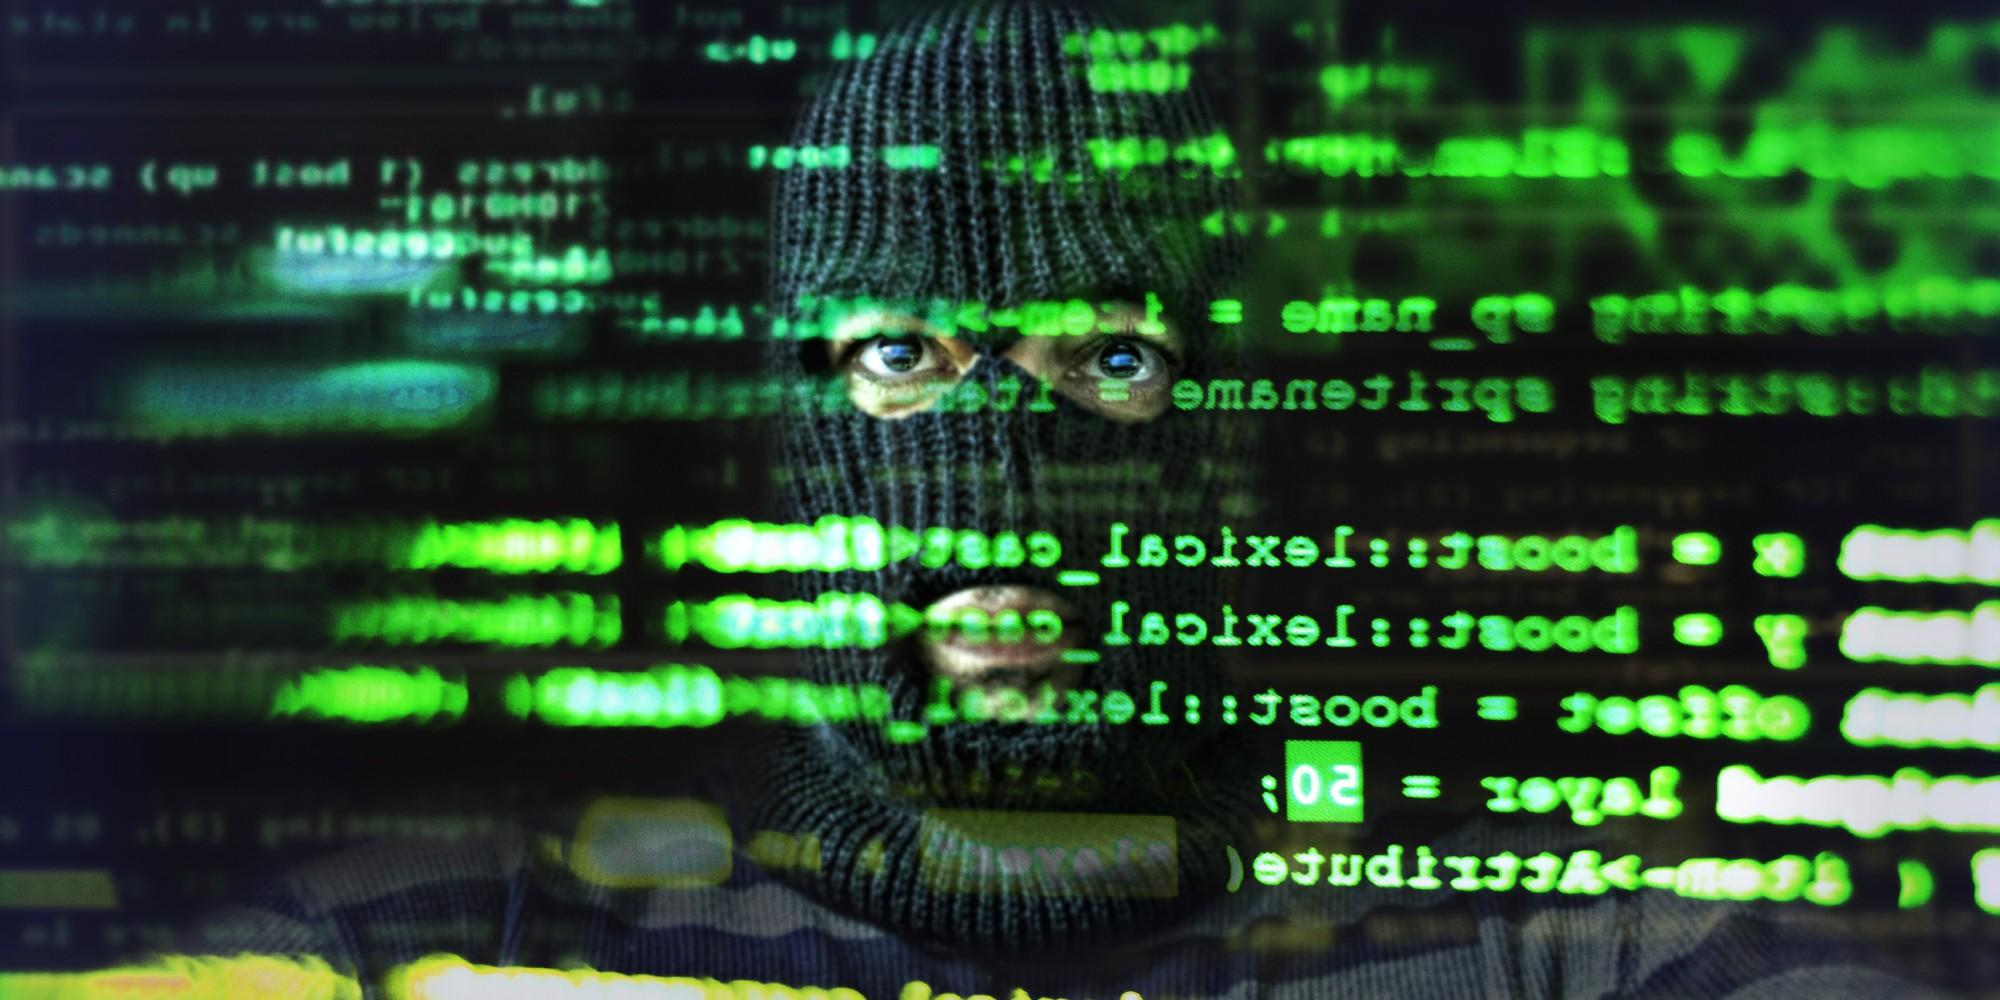 Хакеры выполнили кибератаку наинформационный сайт СНБО